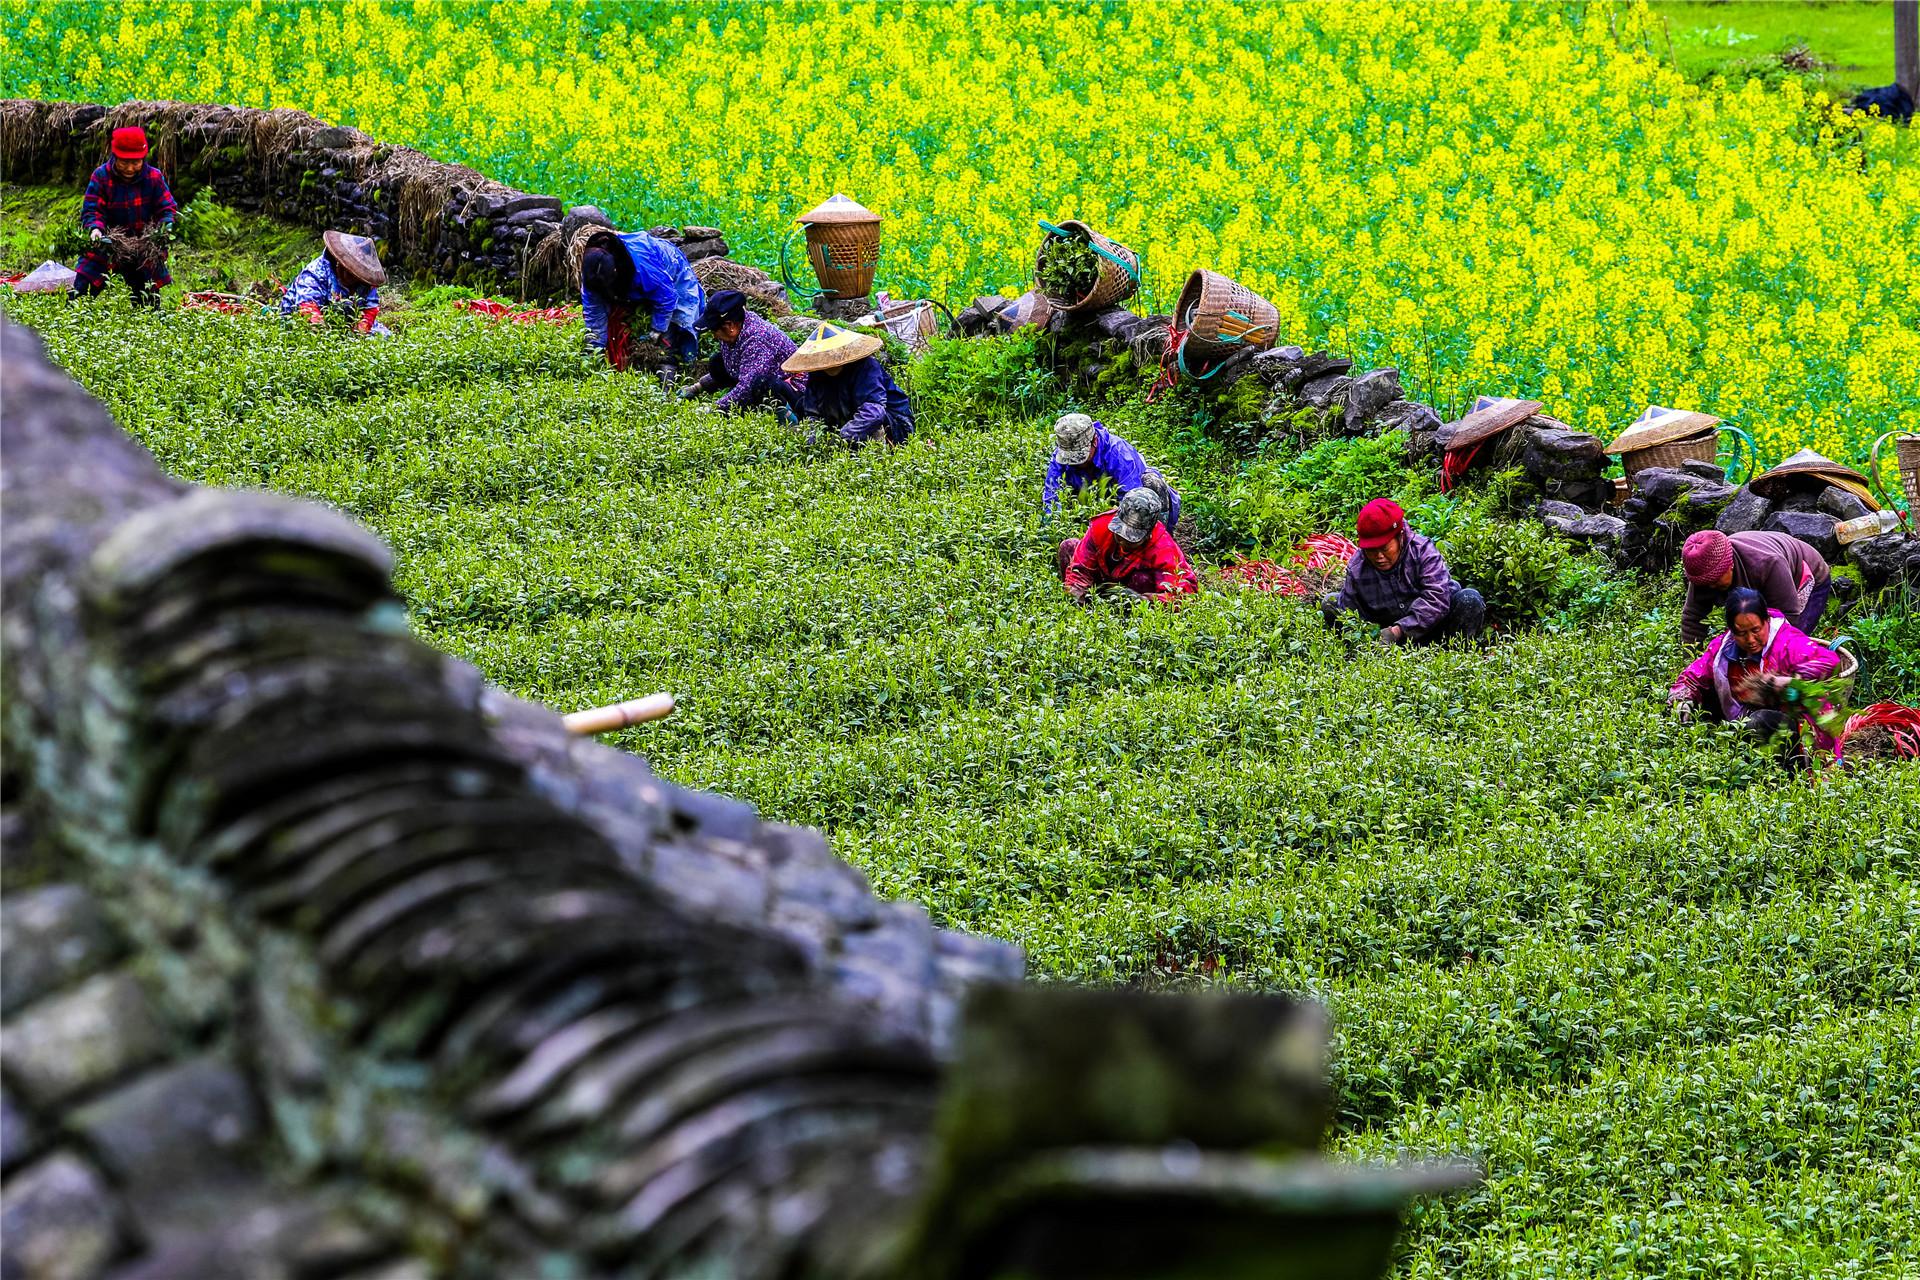 2021年3月1日,湖南湘西凤凰县筸子坪镇盘瓠村茶叶育苗基地,村民在捆绑茶苗,准备销售。当下,各类苗木迎来销售旺季,苗农抢抓时节,采挖苗木,供应市场。